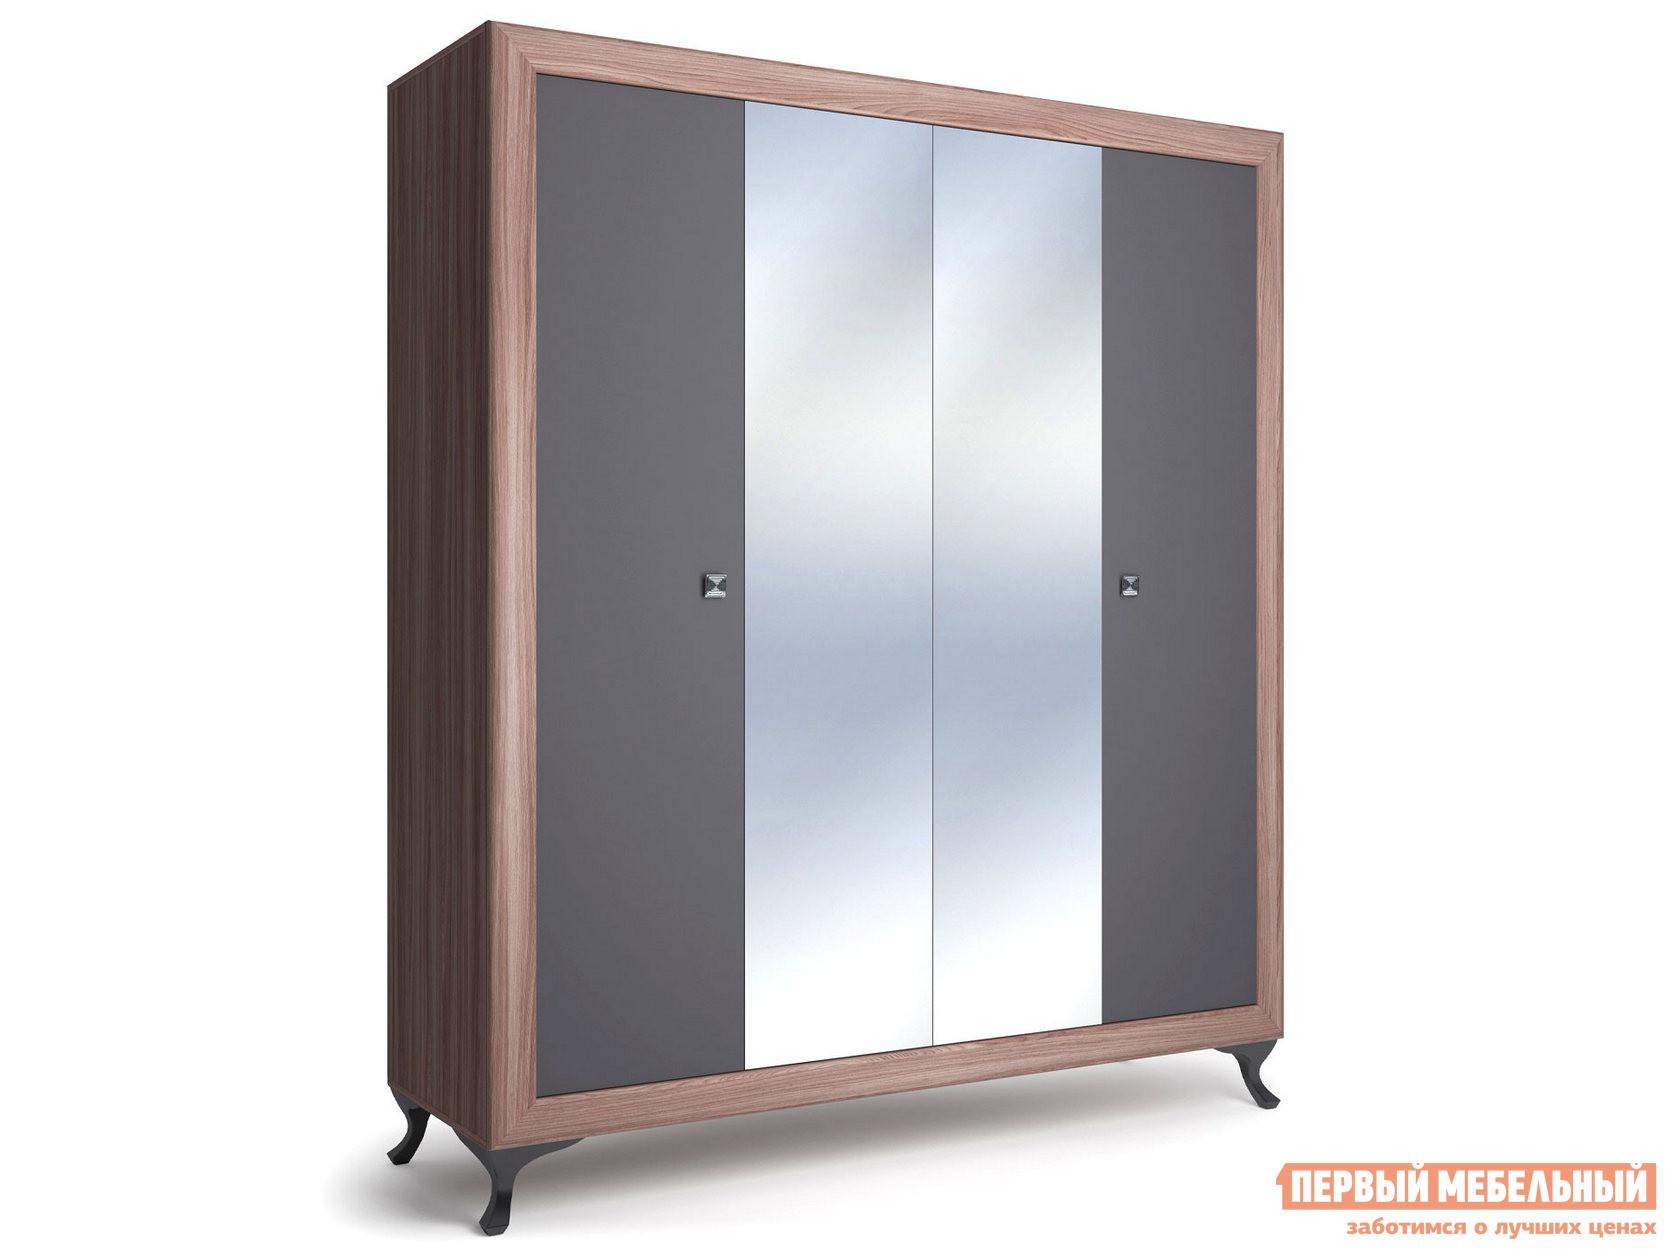 Шкаф распашной Первый Мебельный Шкаф 4-х дверный Модена распашной шкаф шкаф 4 х дверный с доводчиками медея медея